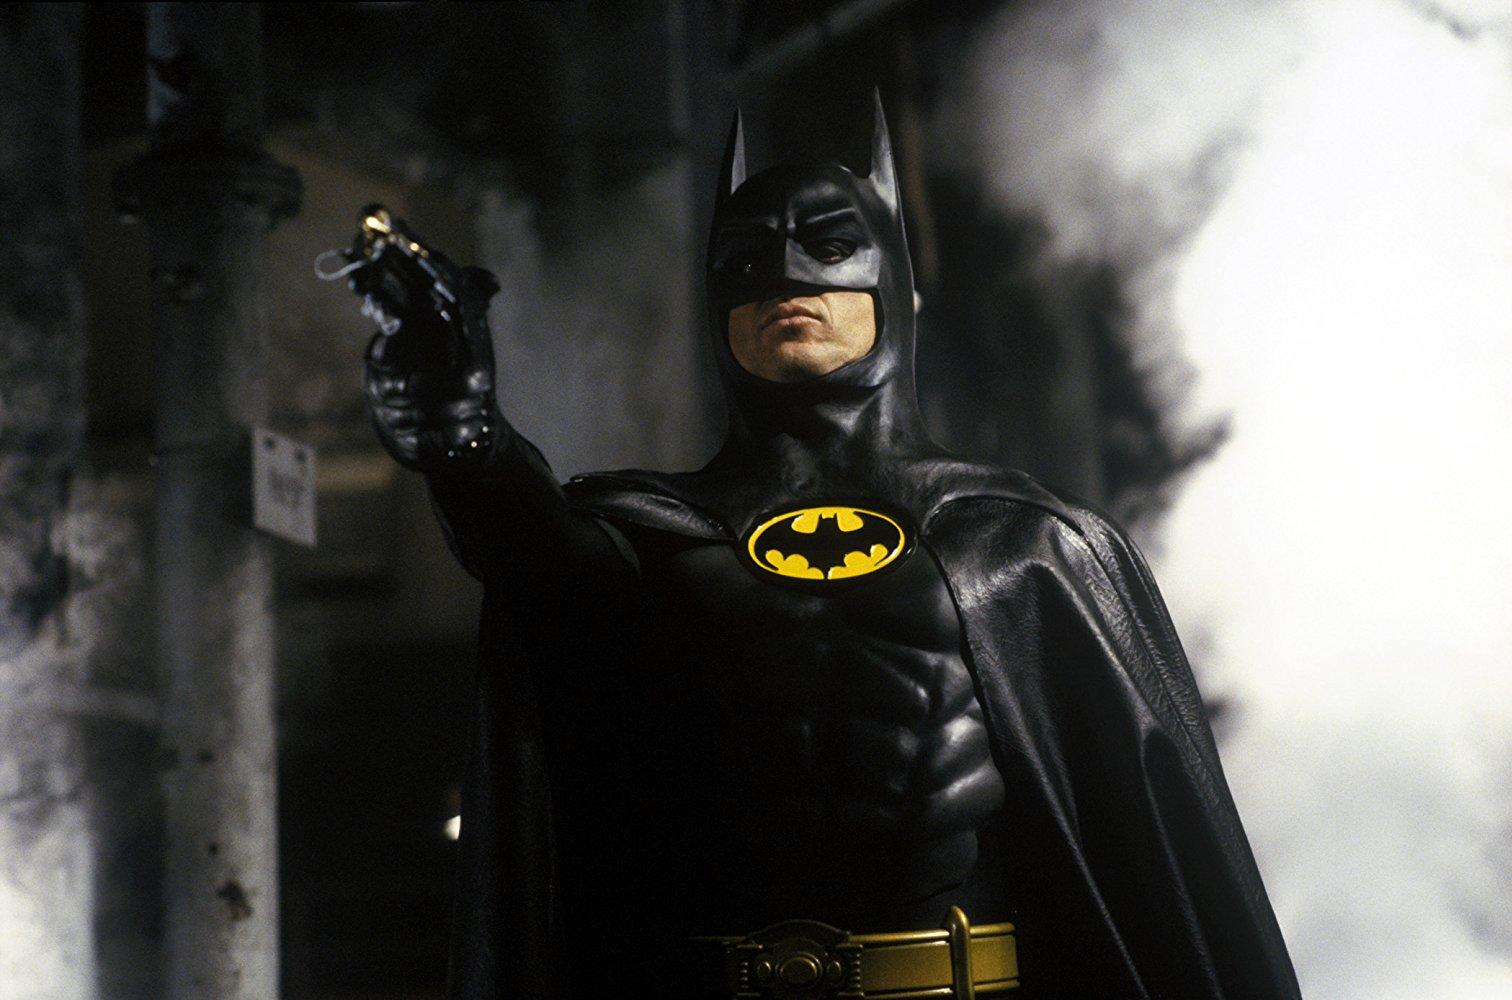 Batman cultural moments